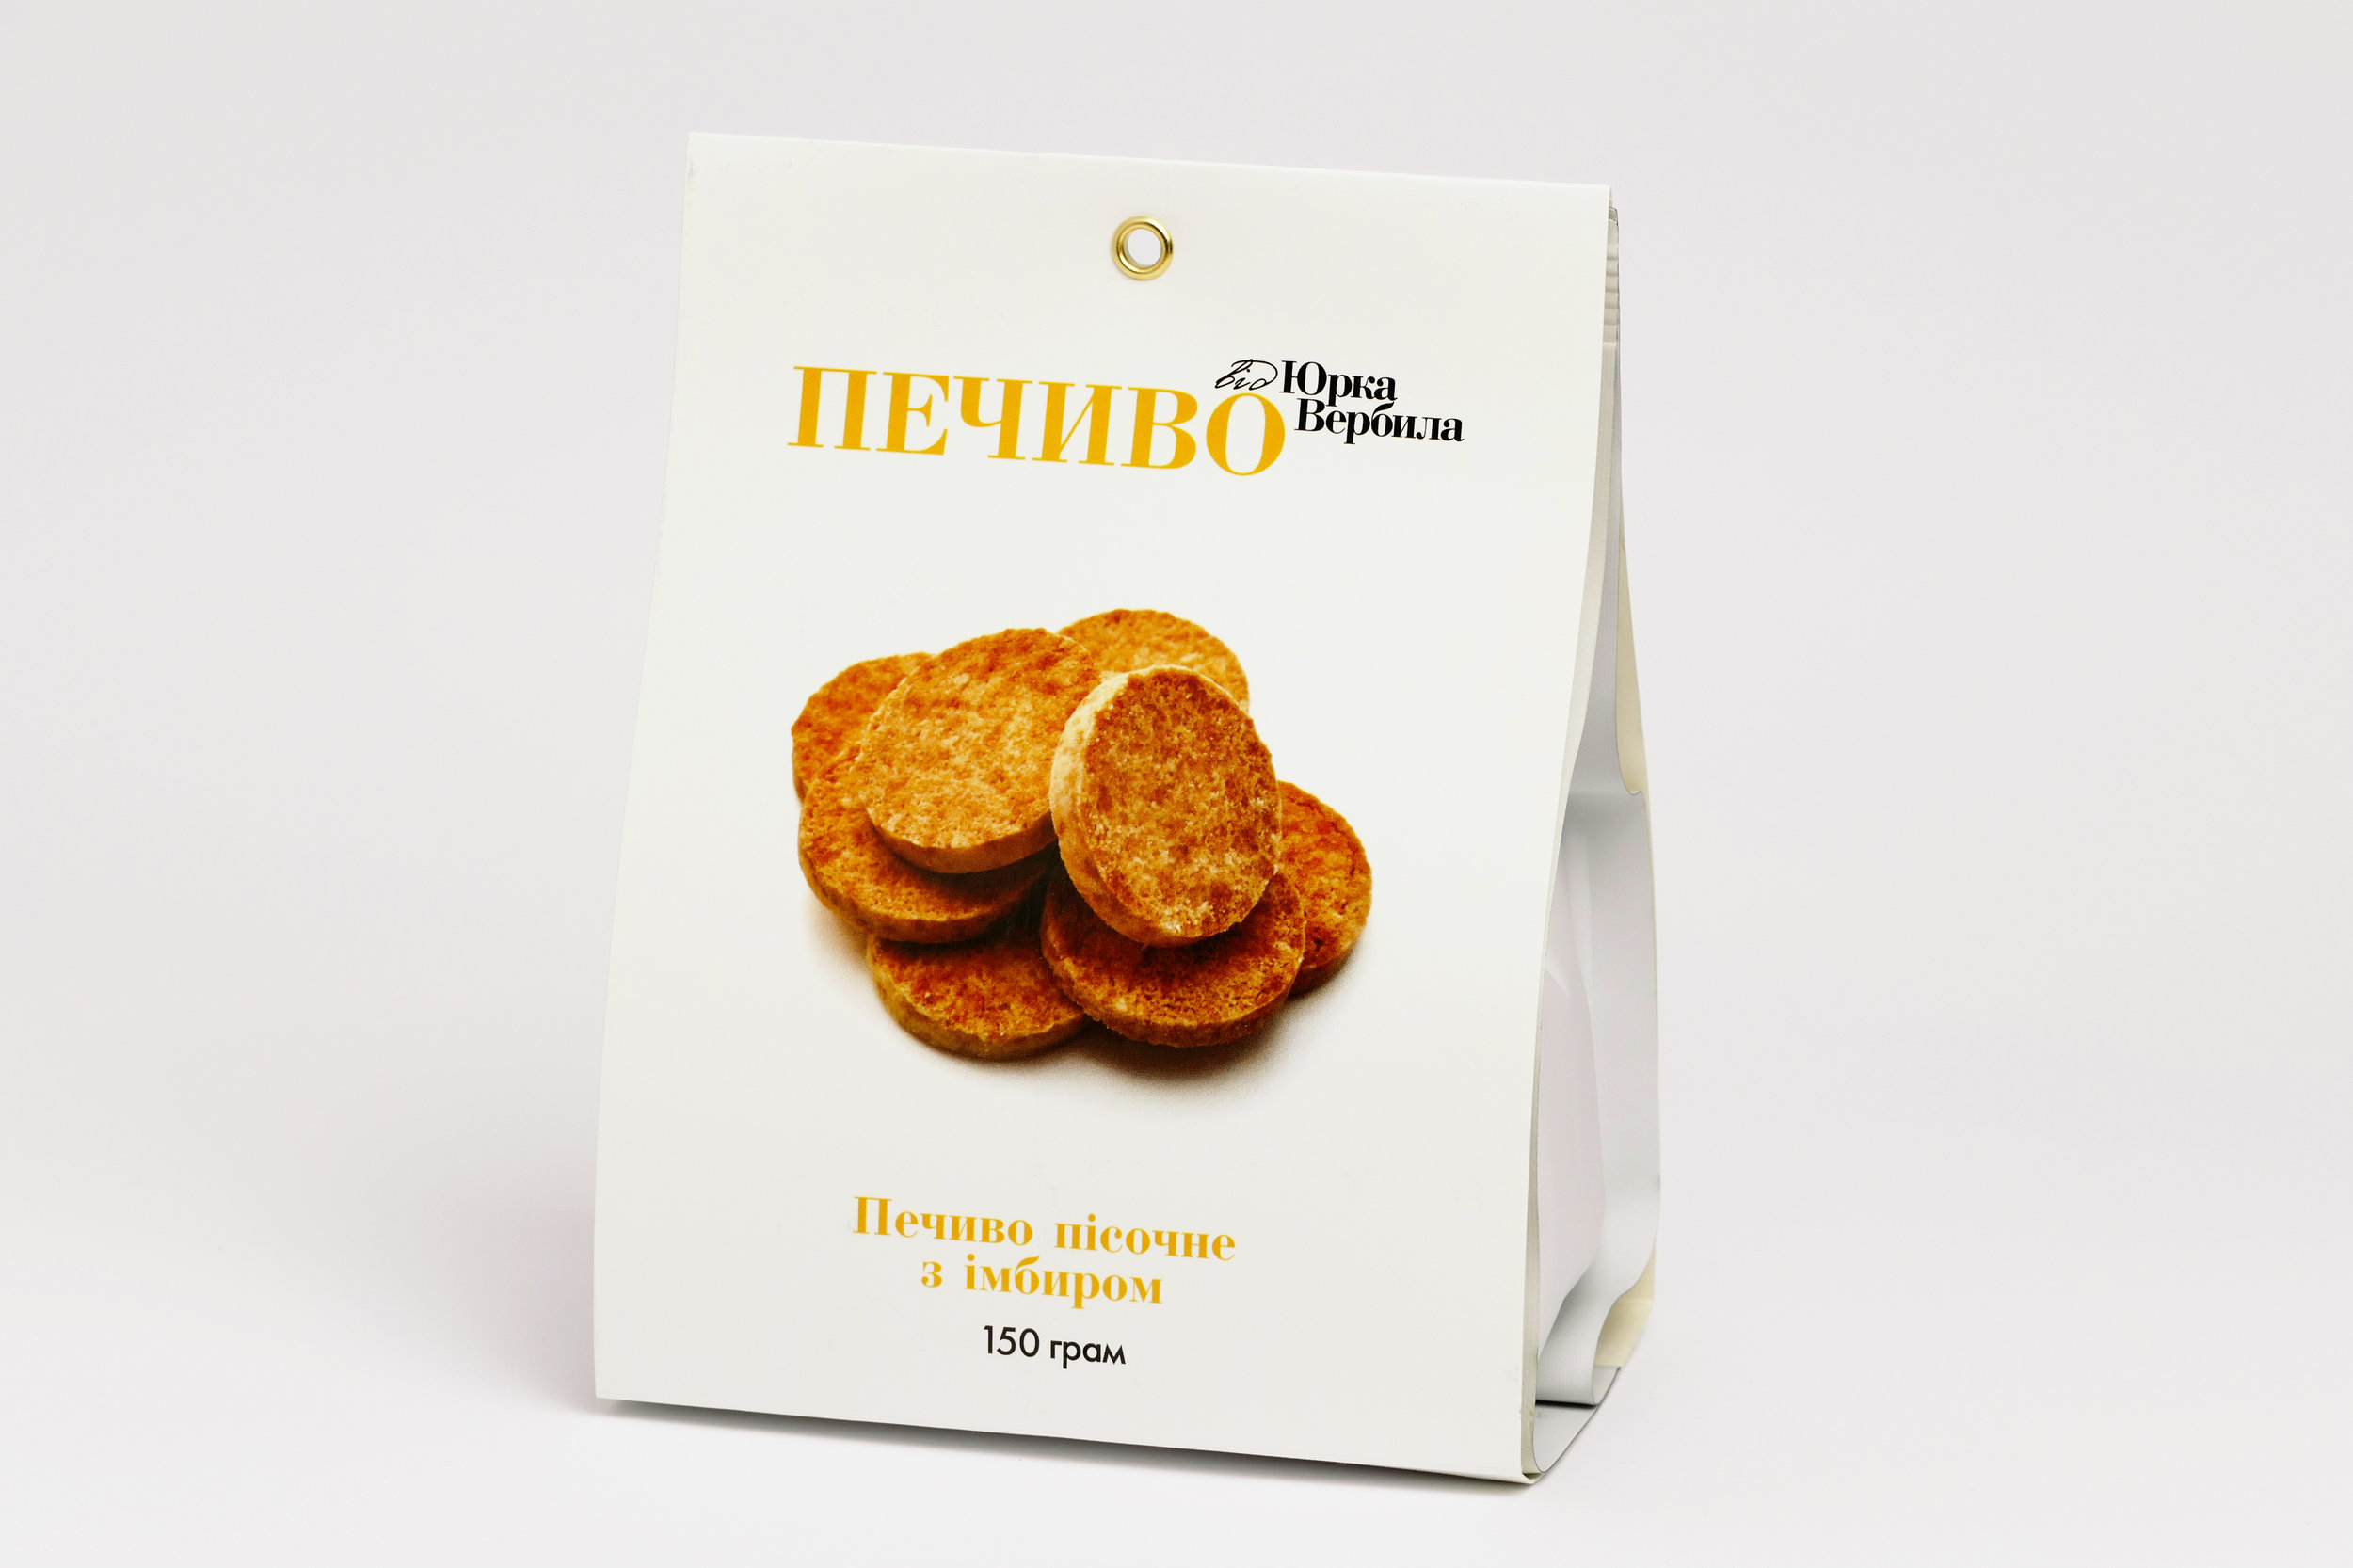 Печиво пісочне з імбиром